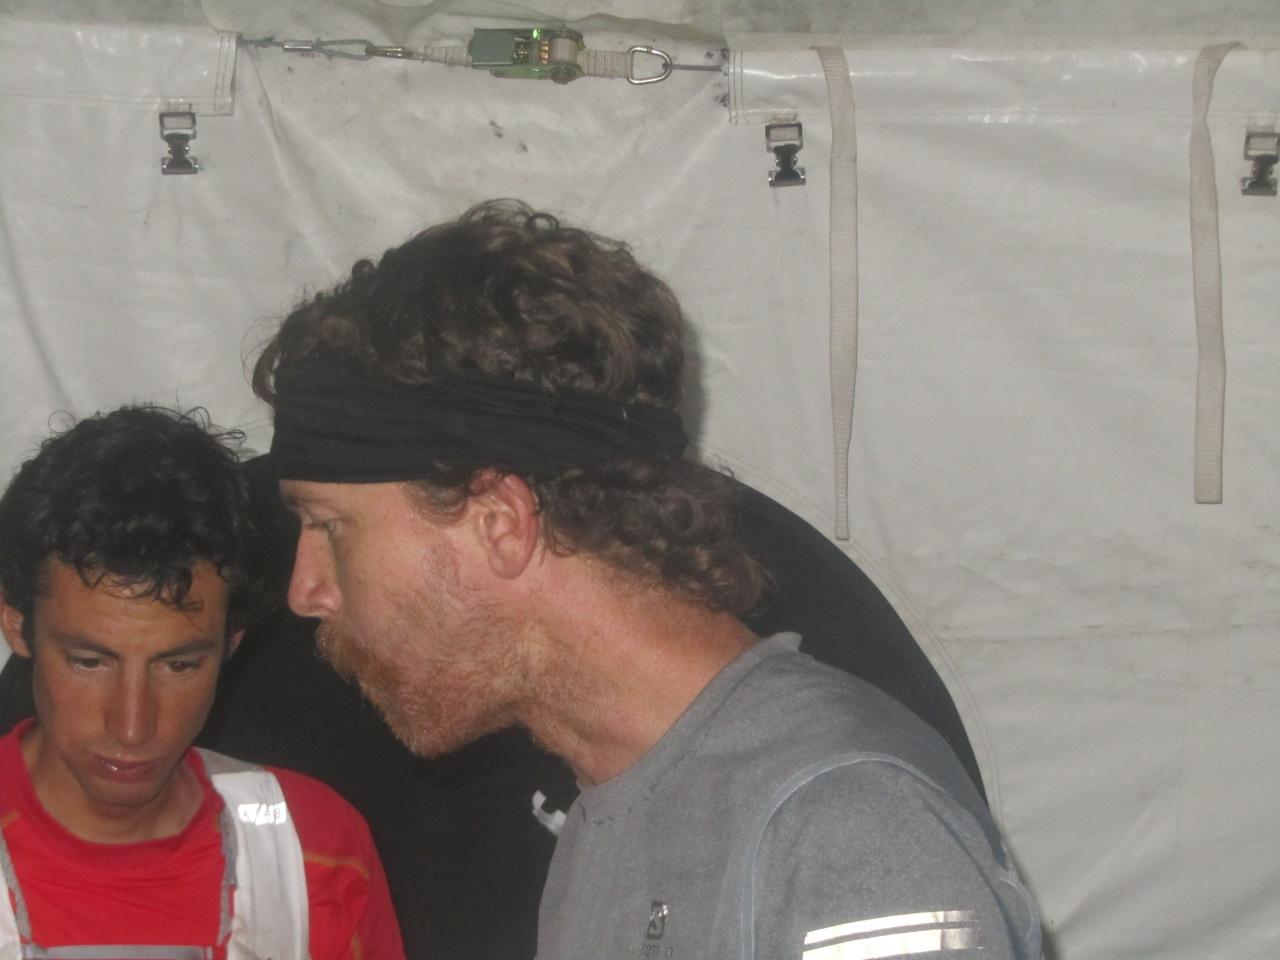 Kilan Jornet and Rickey Gates at Burrows Park